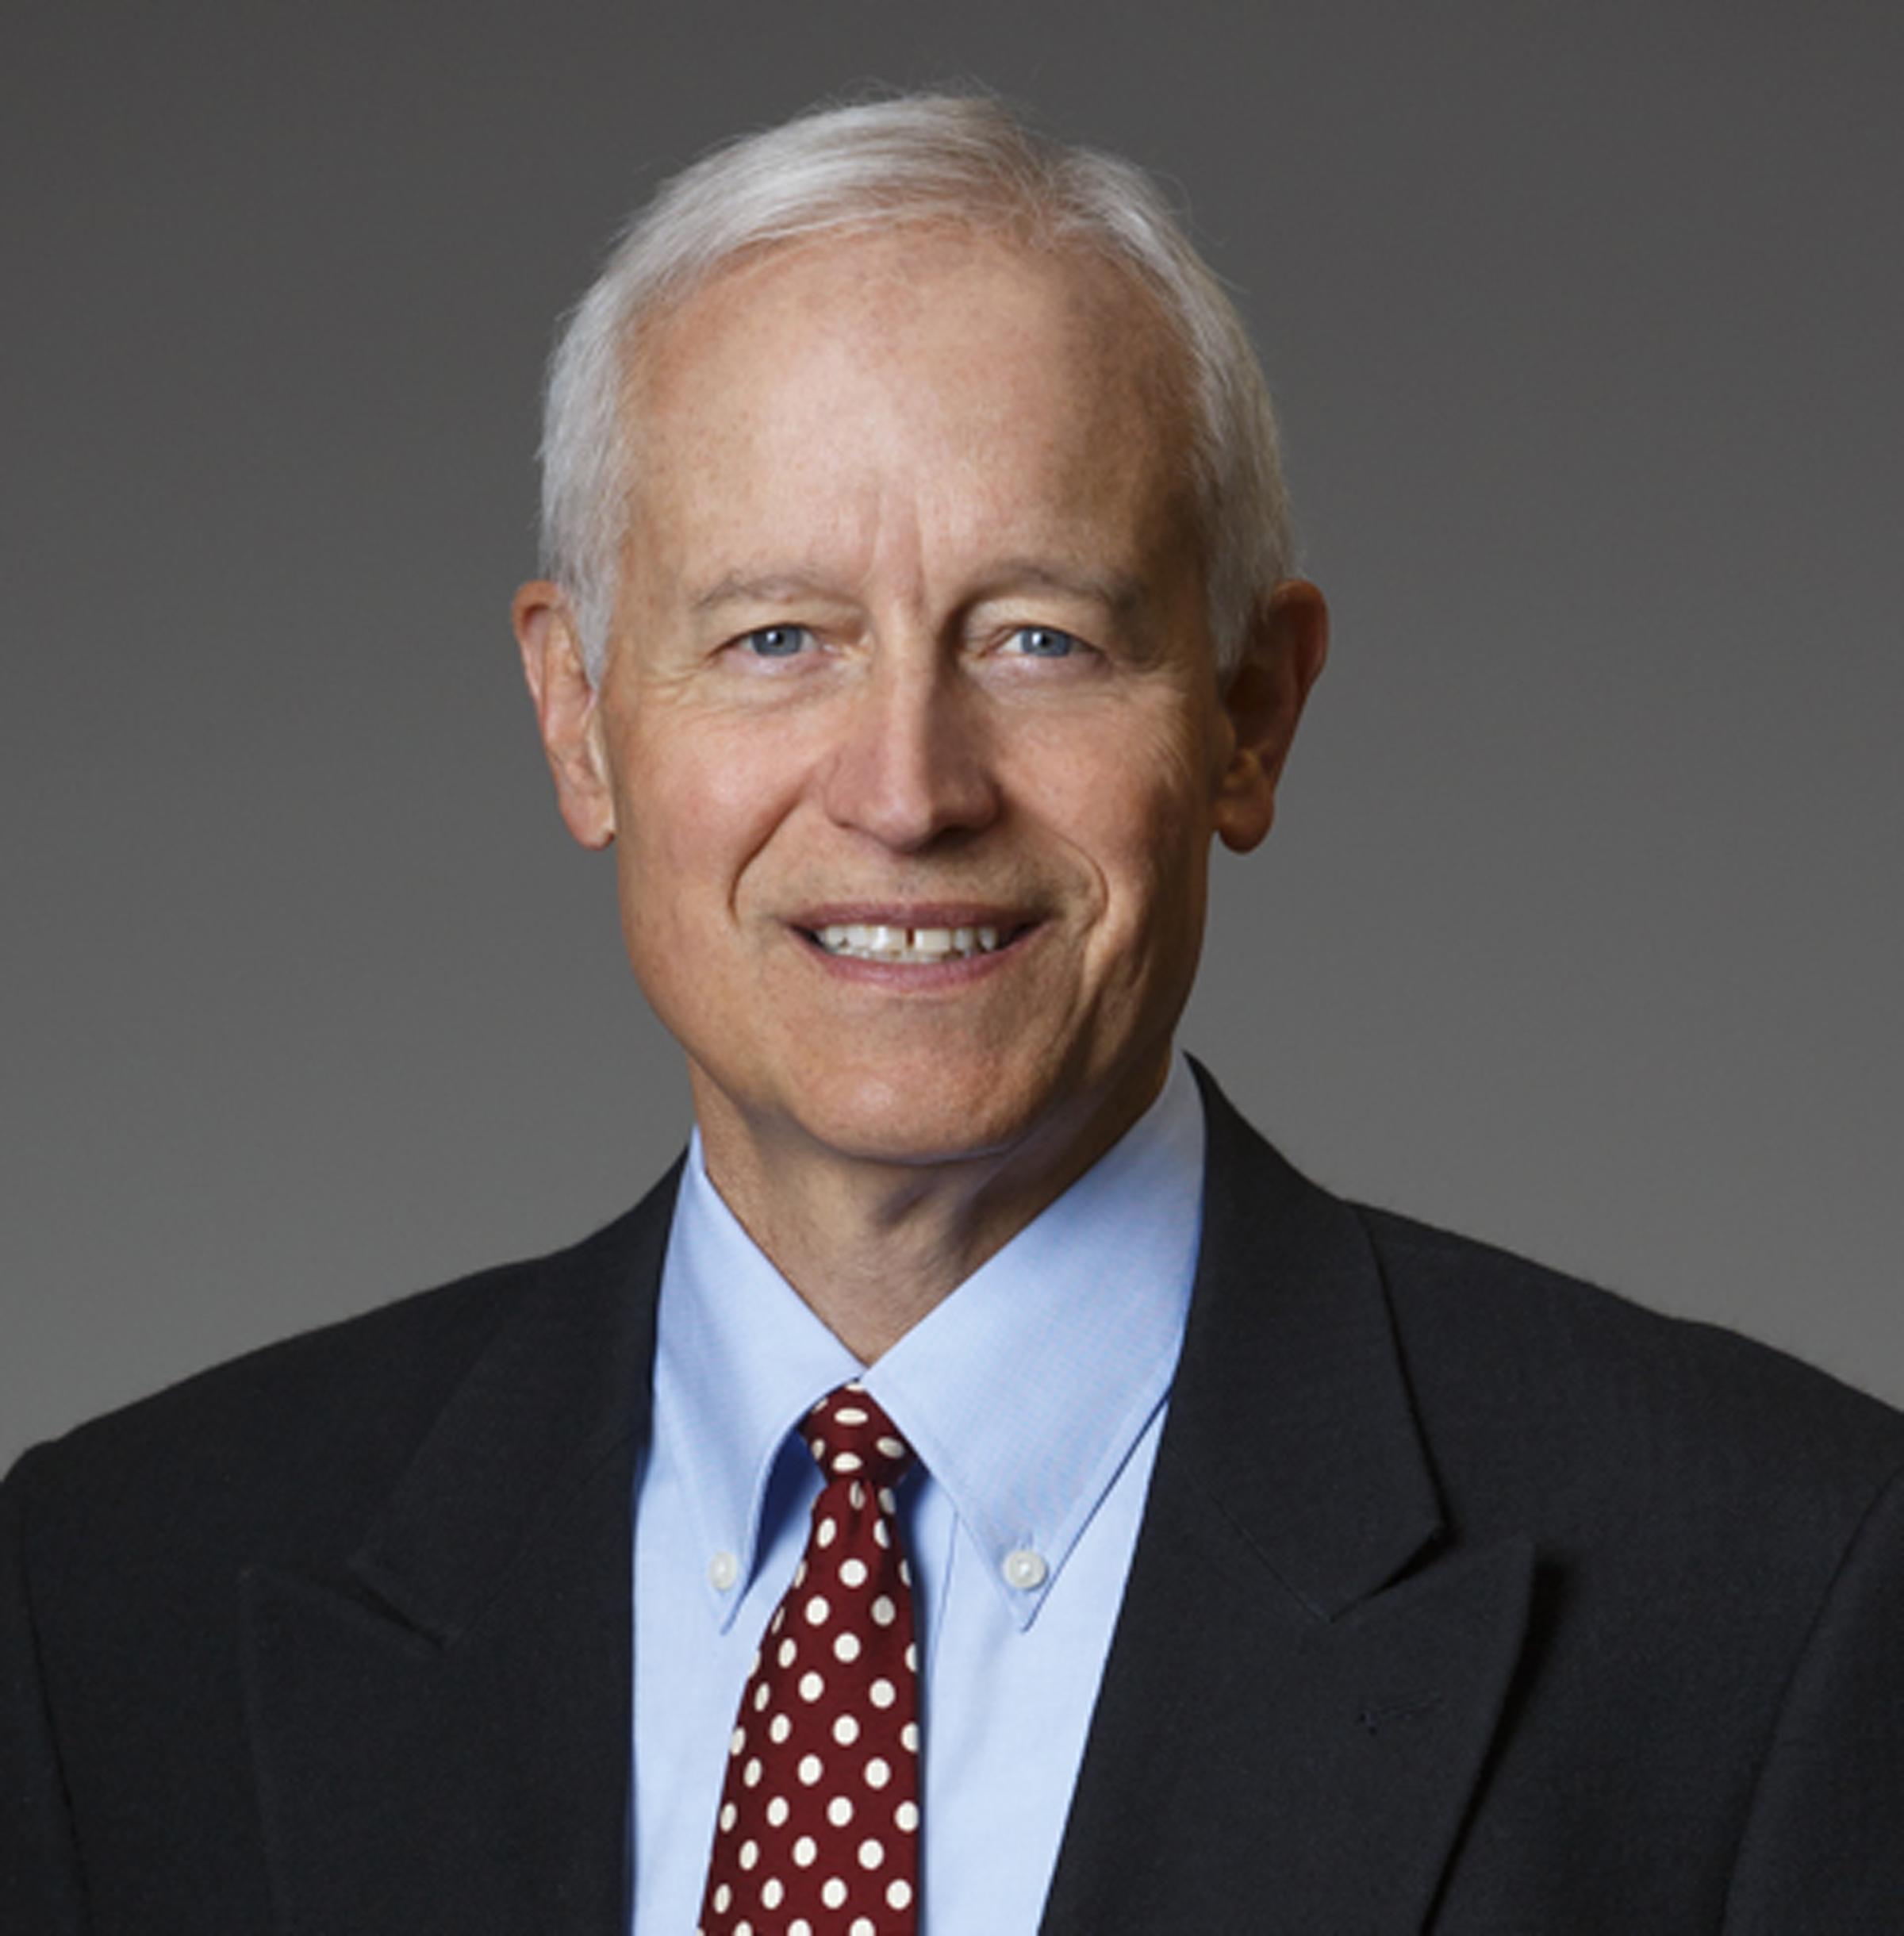 Dr. Randall J. Olson, winner of the 2014 Rosenblatt Prize, awarded at the University of Utah Commencement Exercises, May 1, 2014.